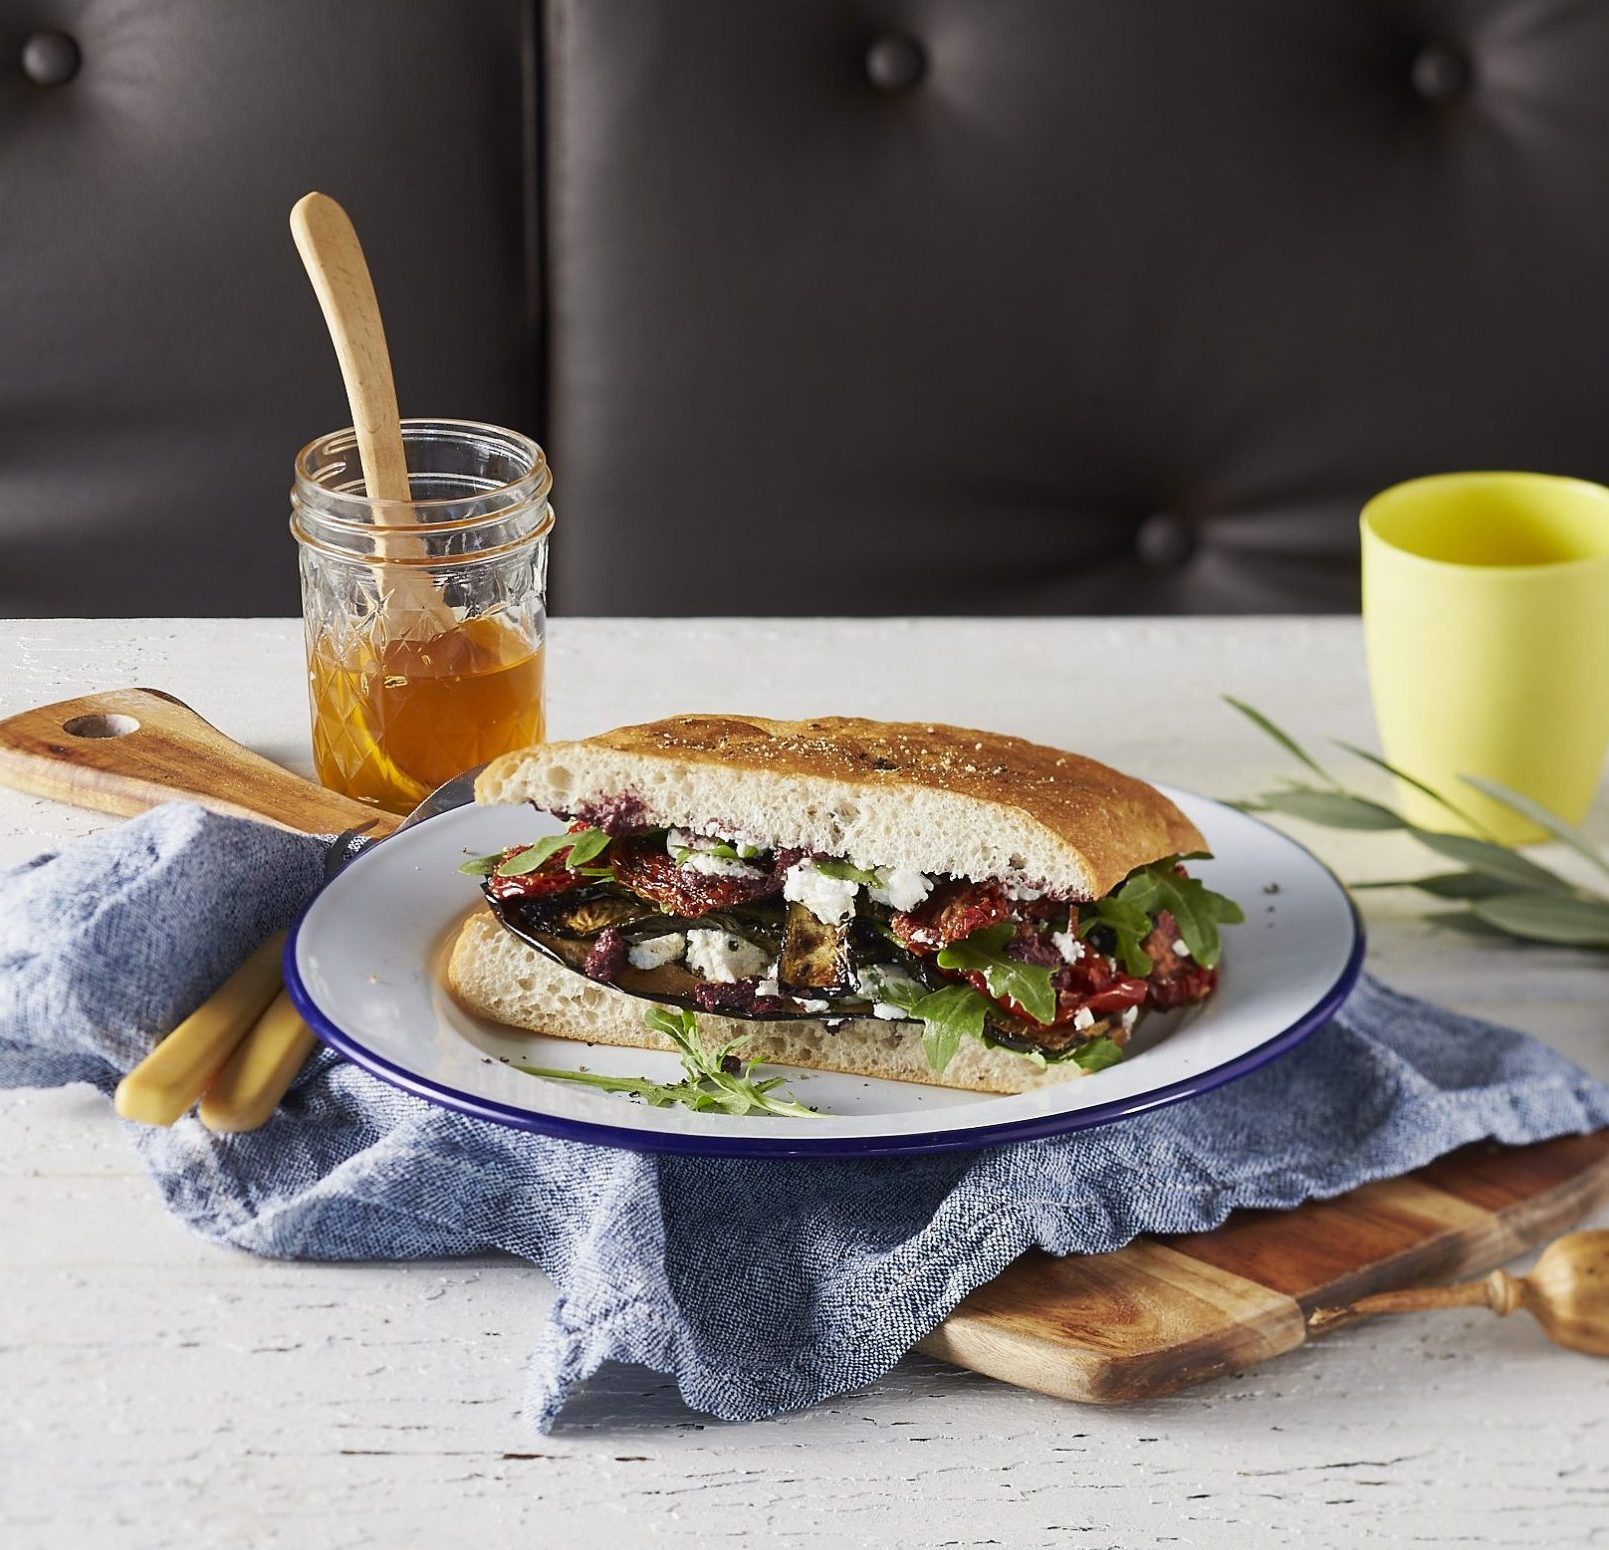 Sandhurst Recipe Vegetarian Toasted Sandwich